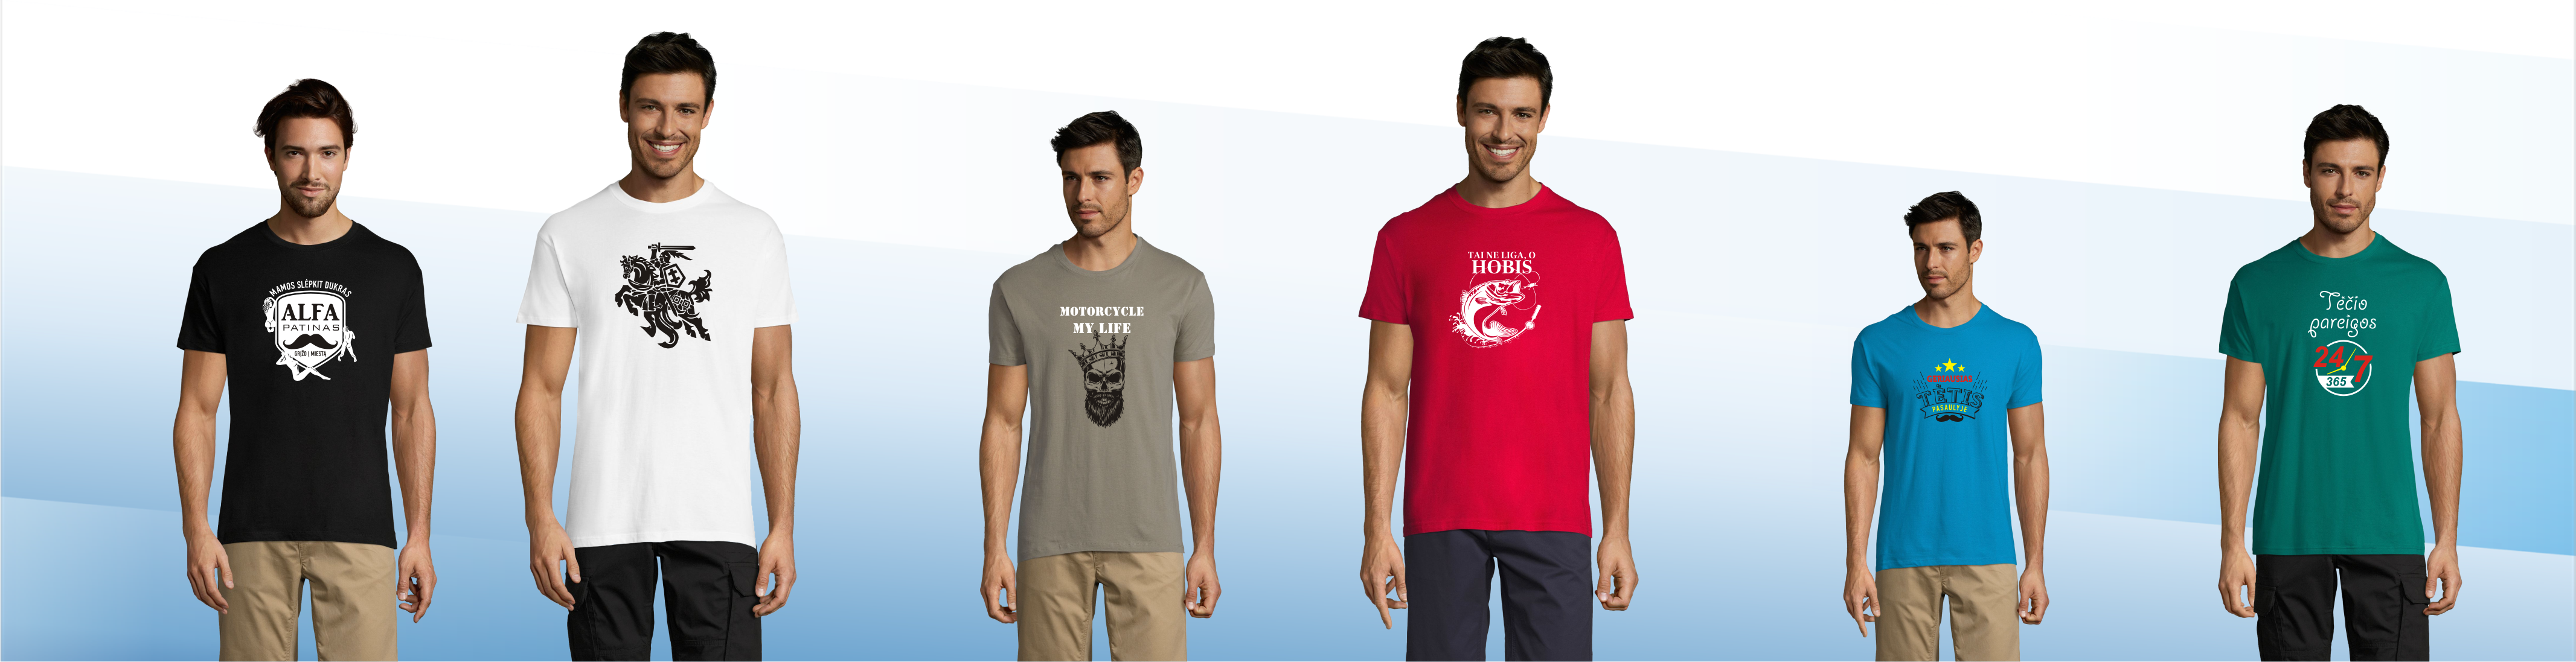 Platus vyriškų marškinėlių pasirinkimas